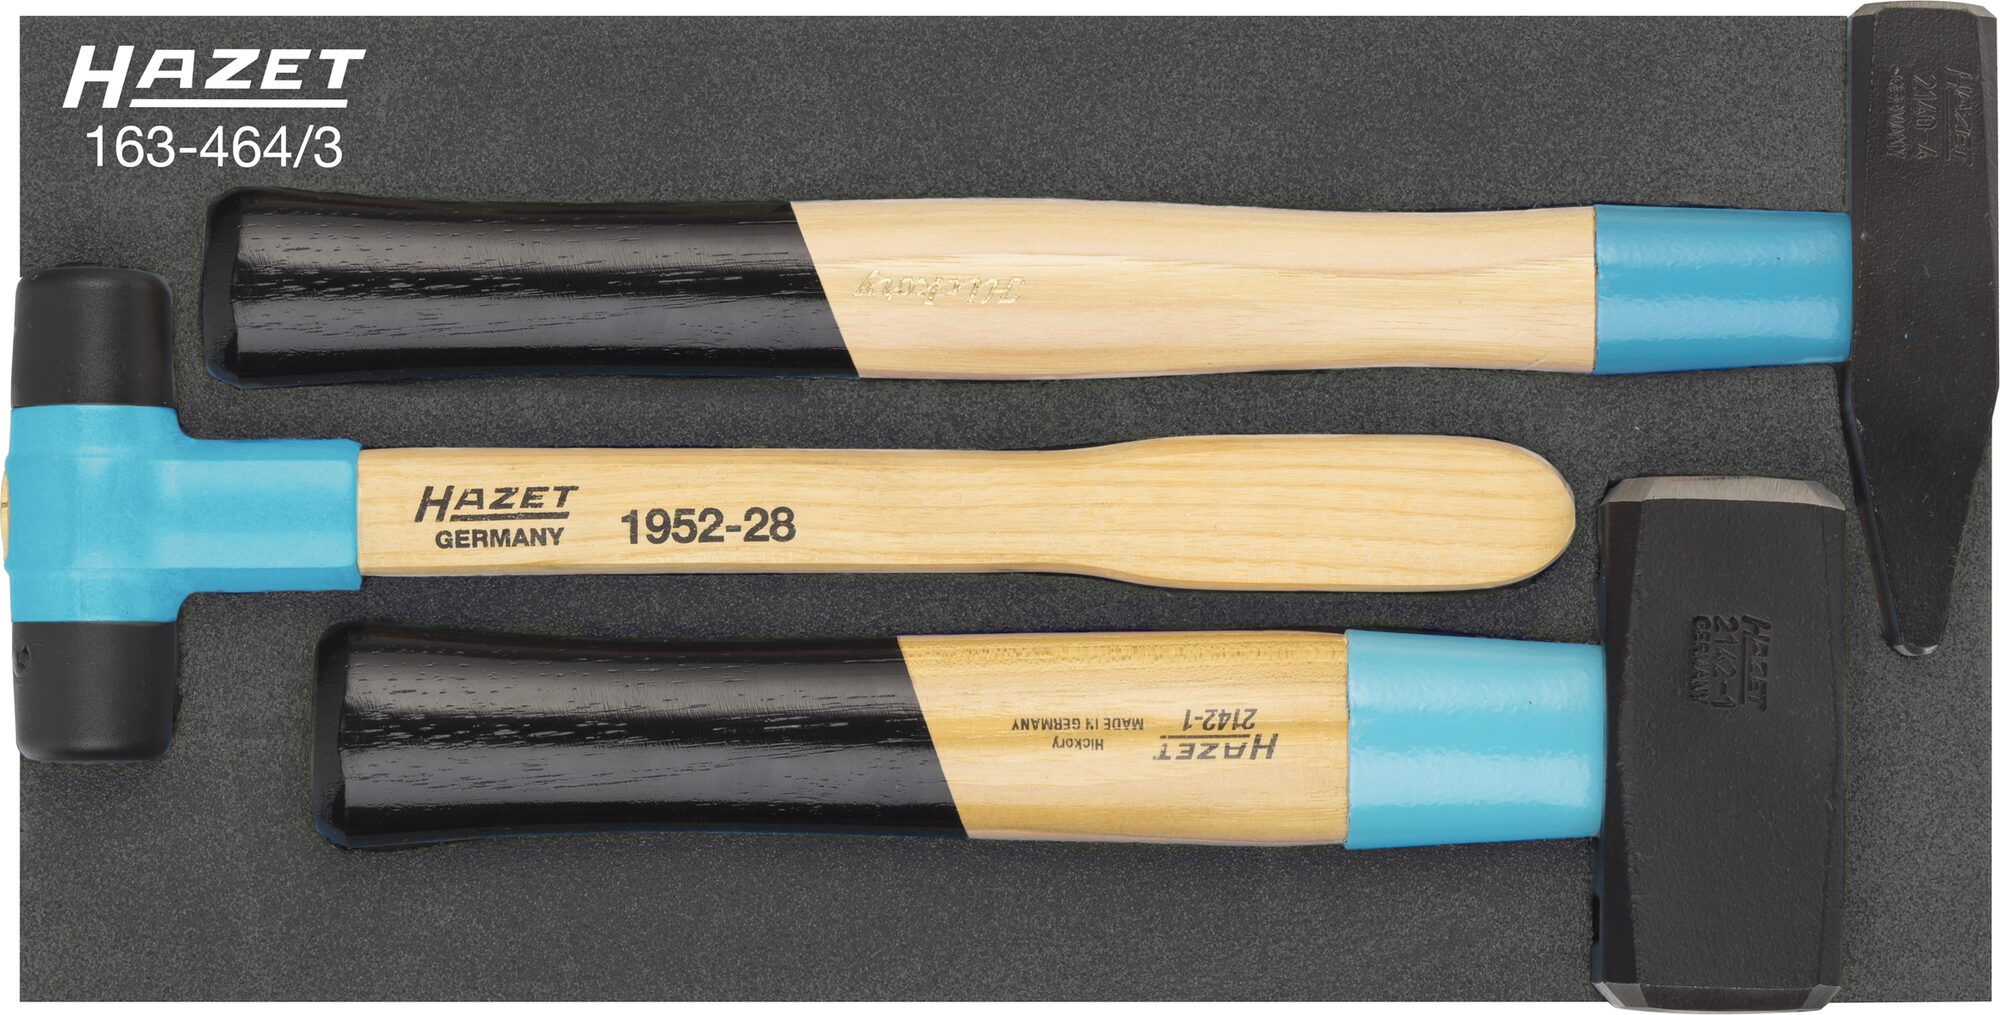 HAZET Hammer Satz 163-464/3 ∙ Anzahl Werkzeuge: 3